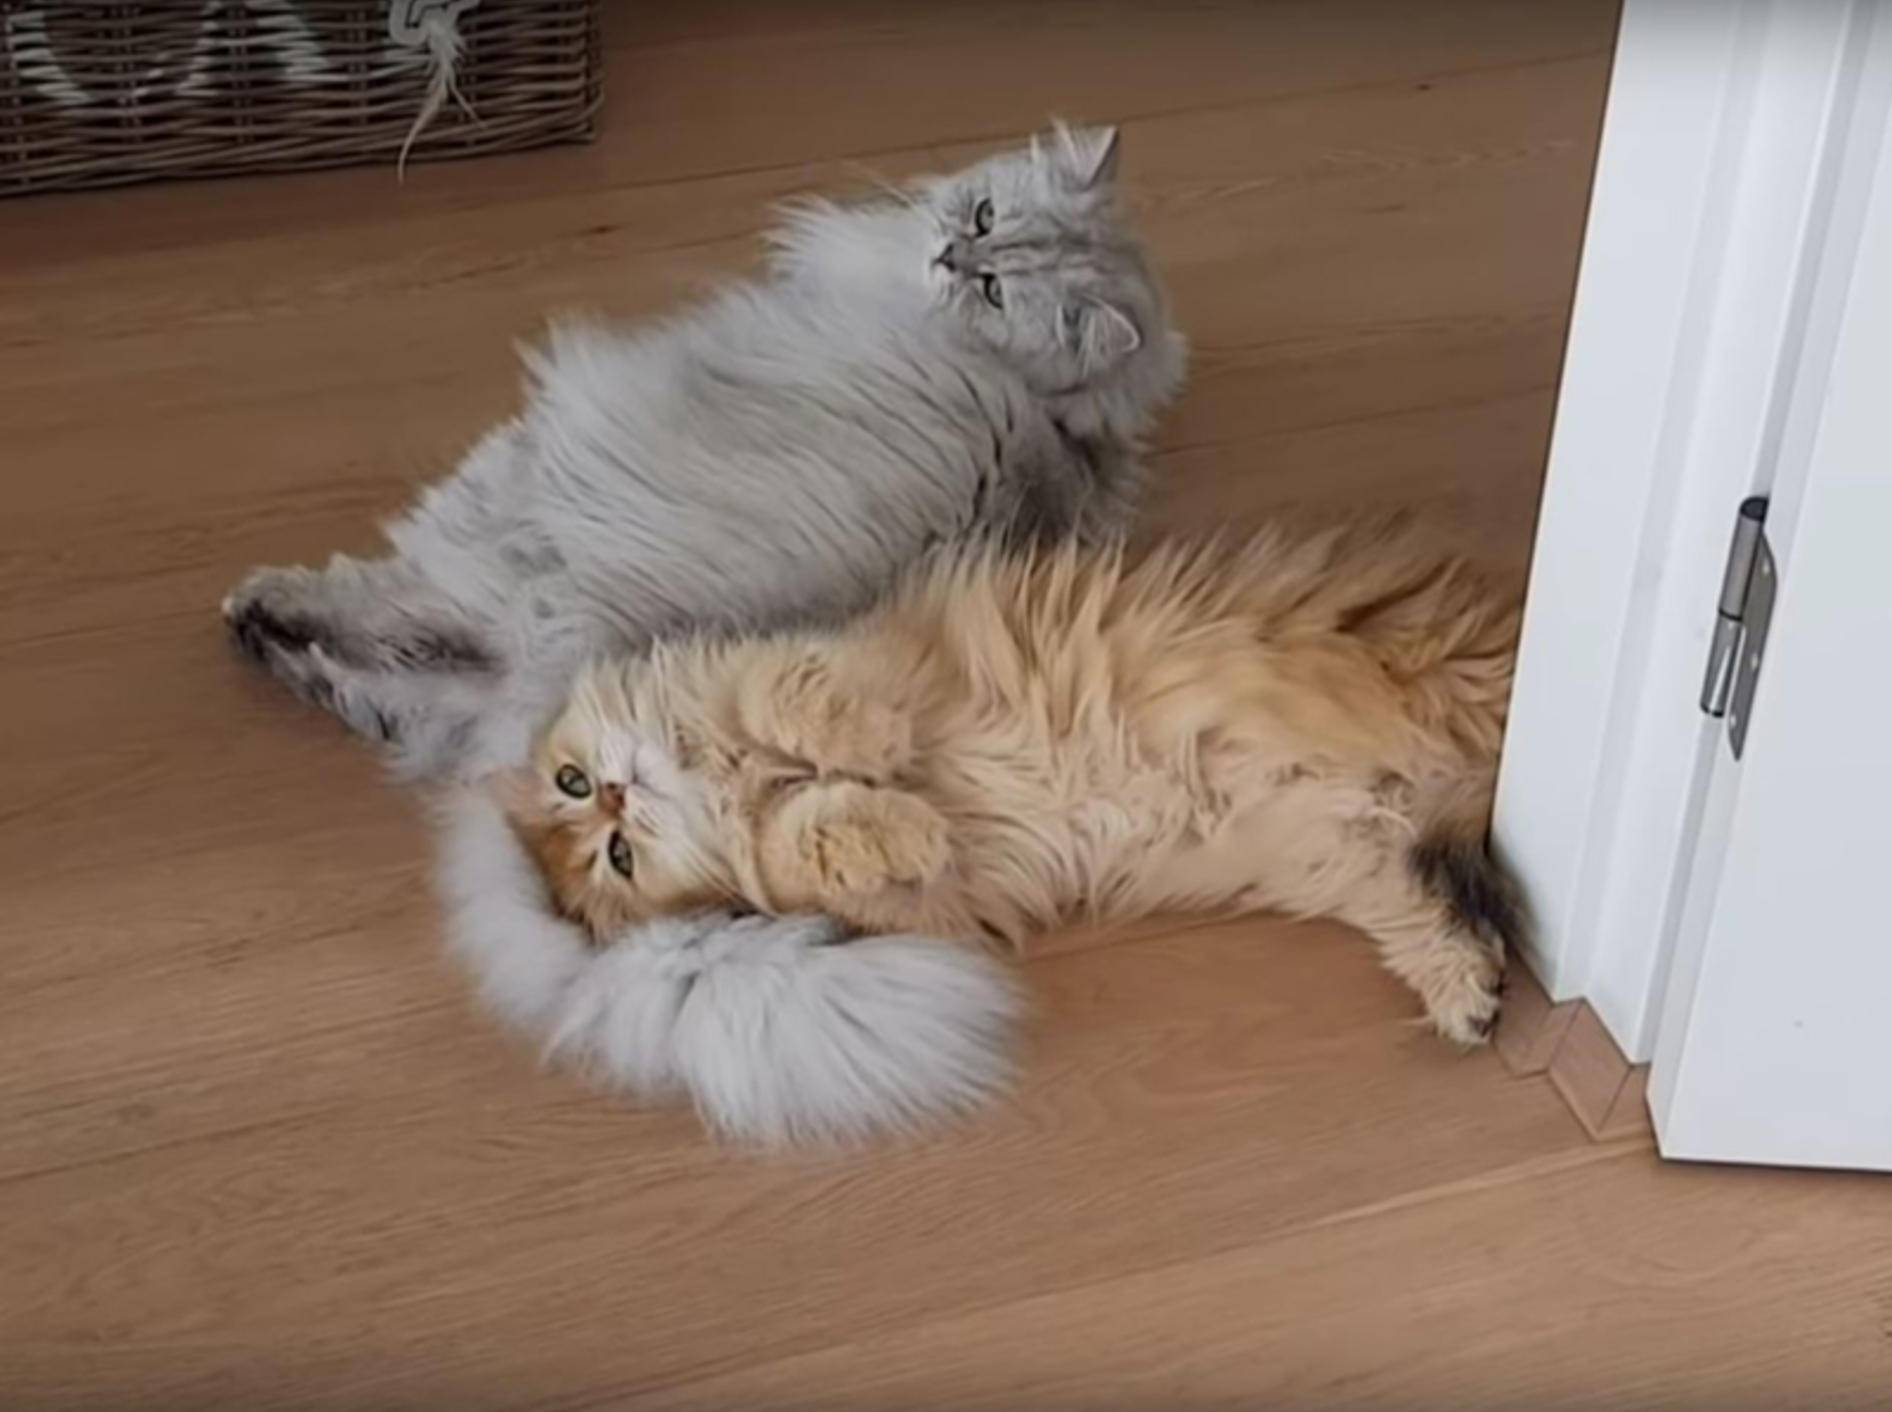 Flauschkatzen Smoothie und Milkshake kuscheln, was das Zeug hält – YouTube / smoothiethecat